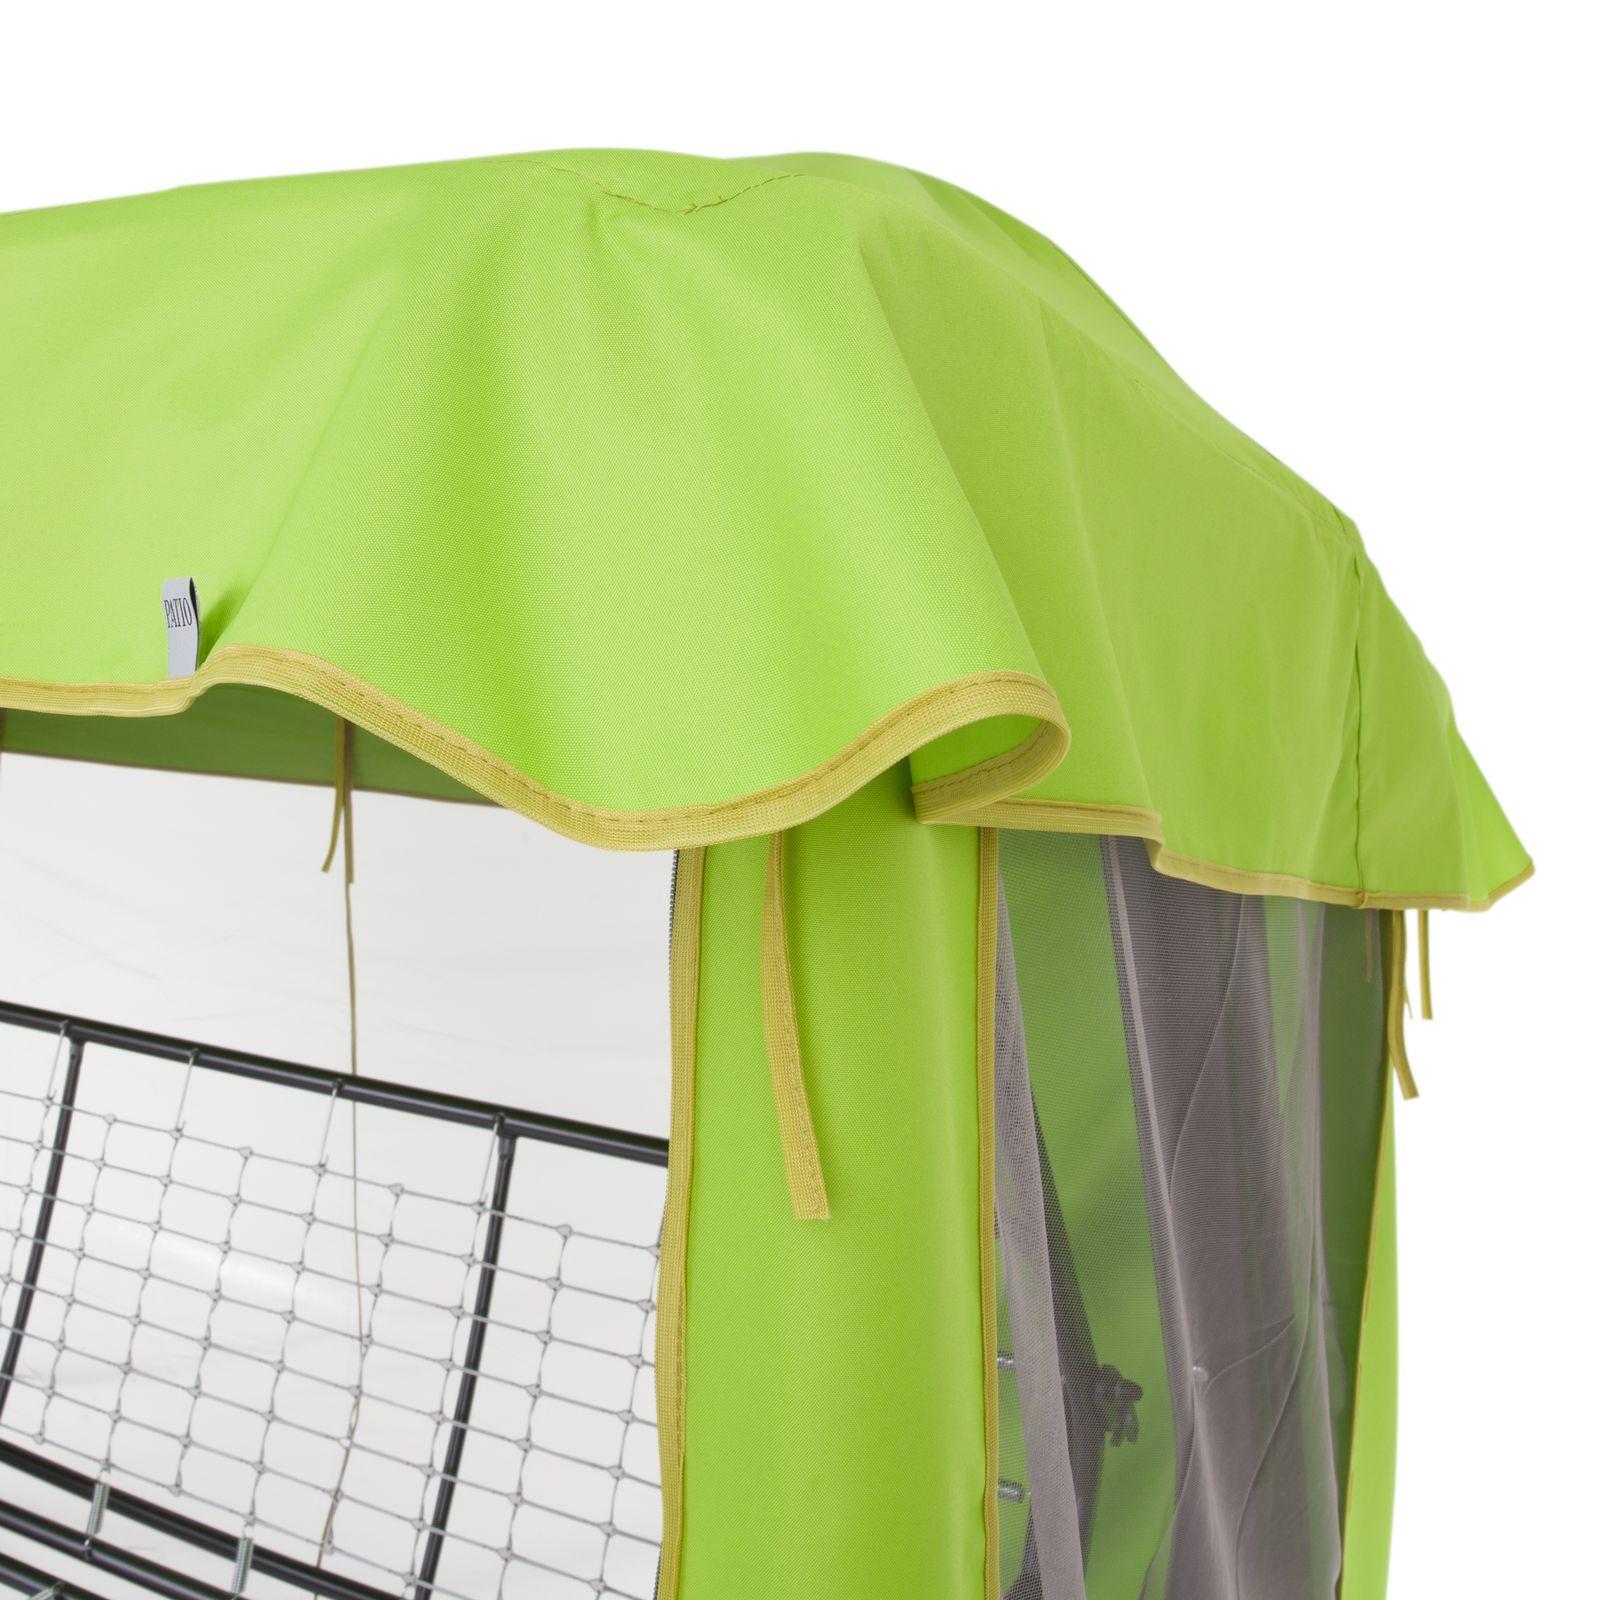 Dach z moskitierą do huśtawki ogrodowej 228 x 126 cm Rimini / Venezia D031-12CWPATIO